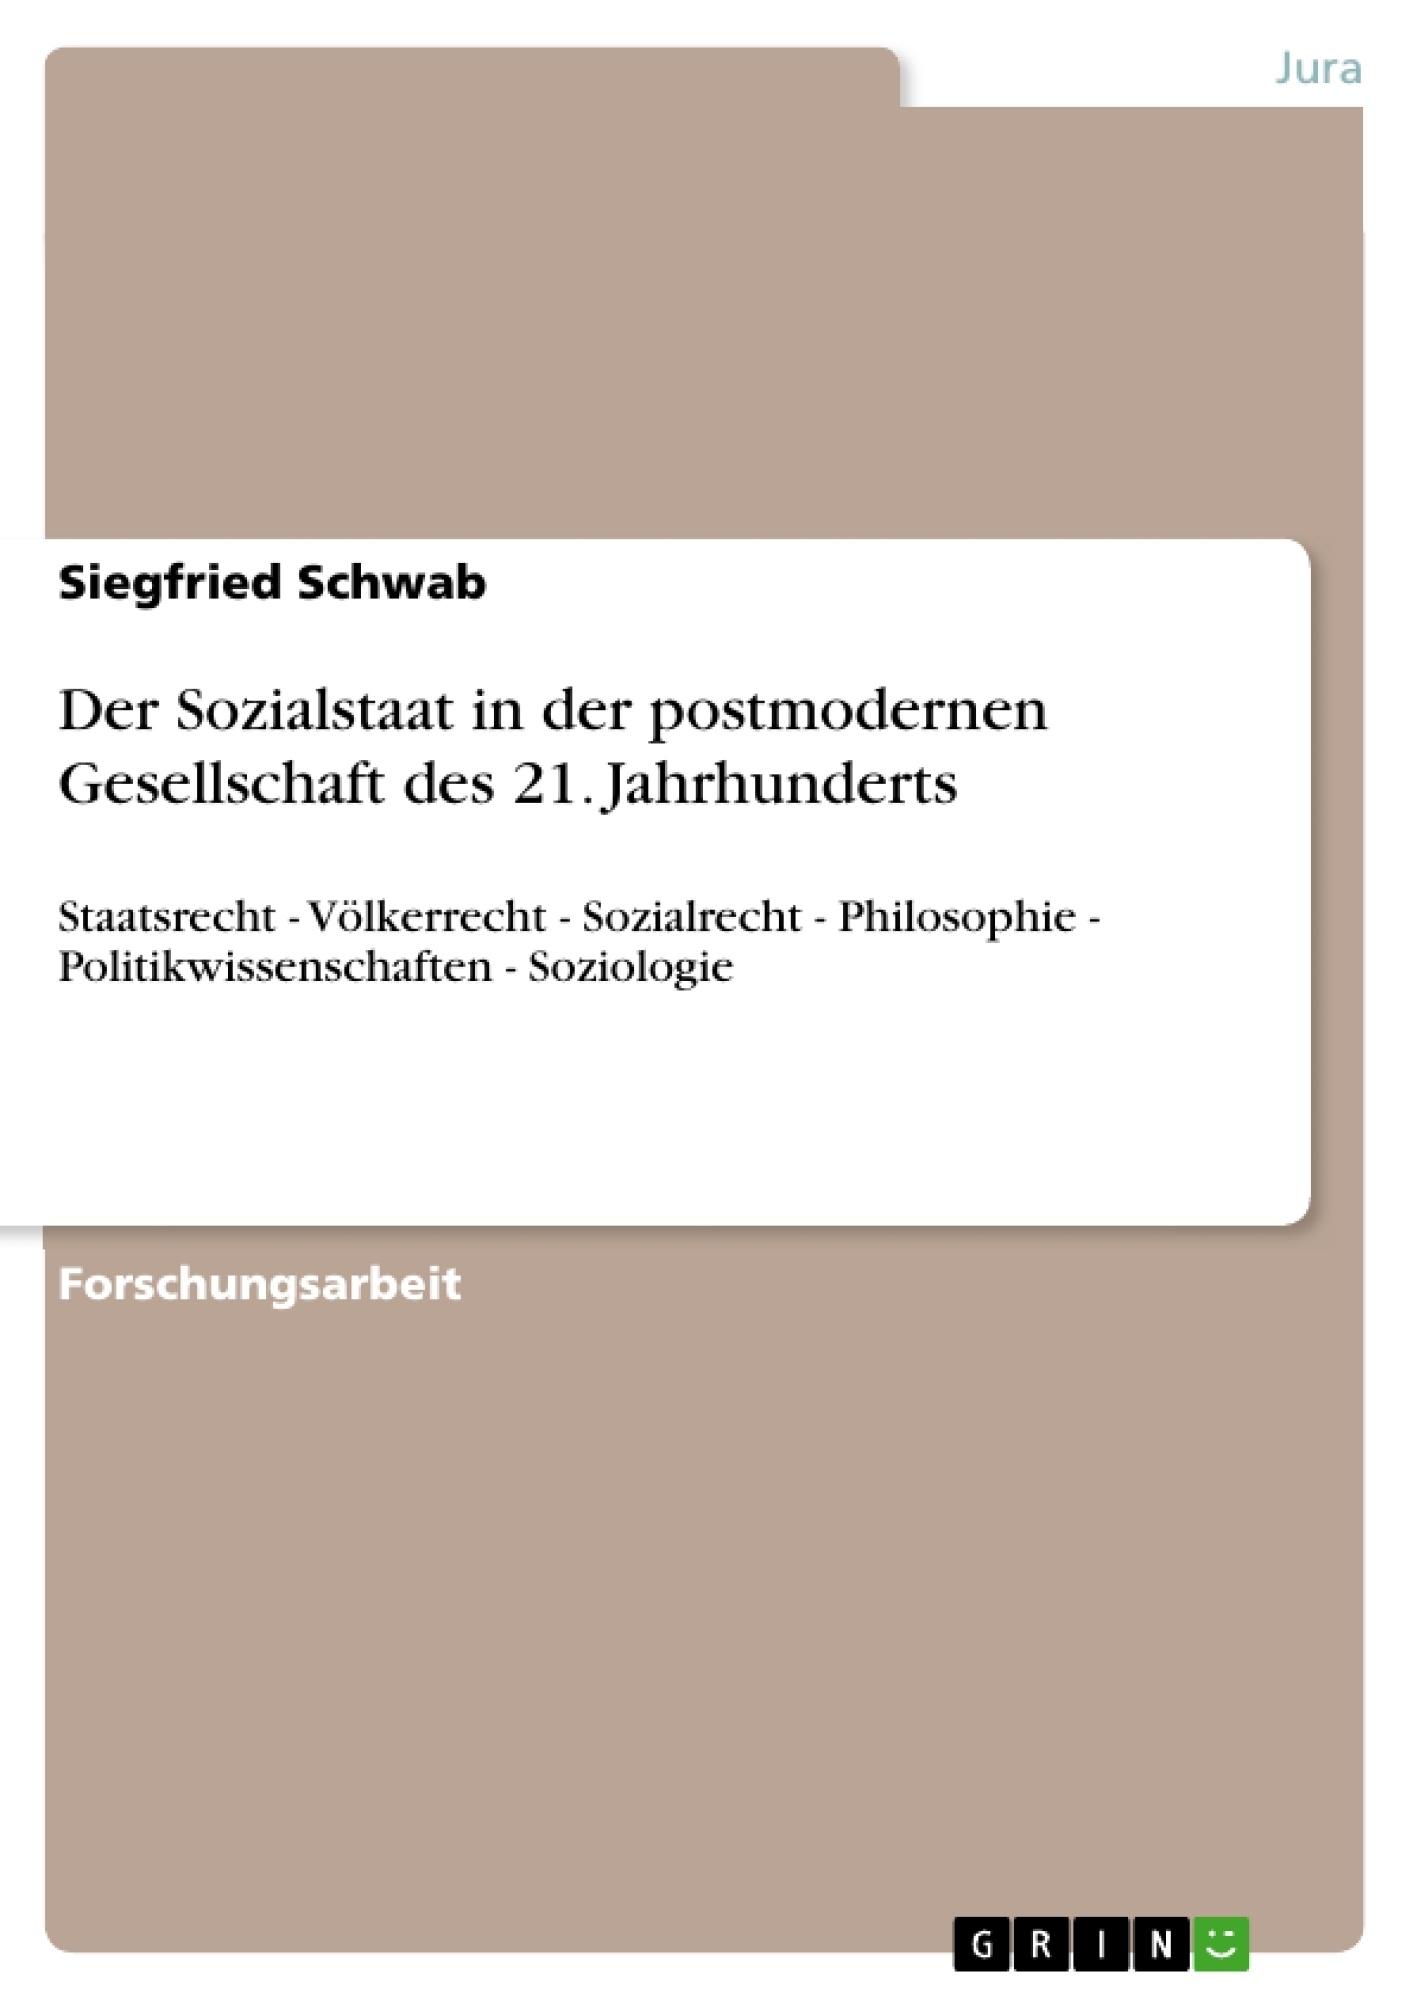 Der Sozialstaat in der postmodernen Gesellschaft des 21 ...